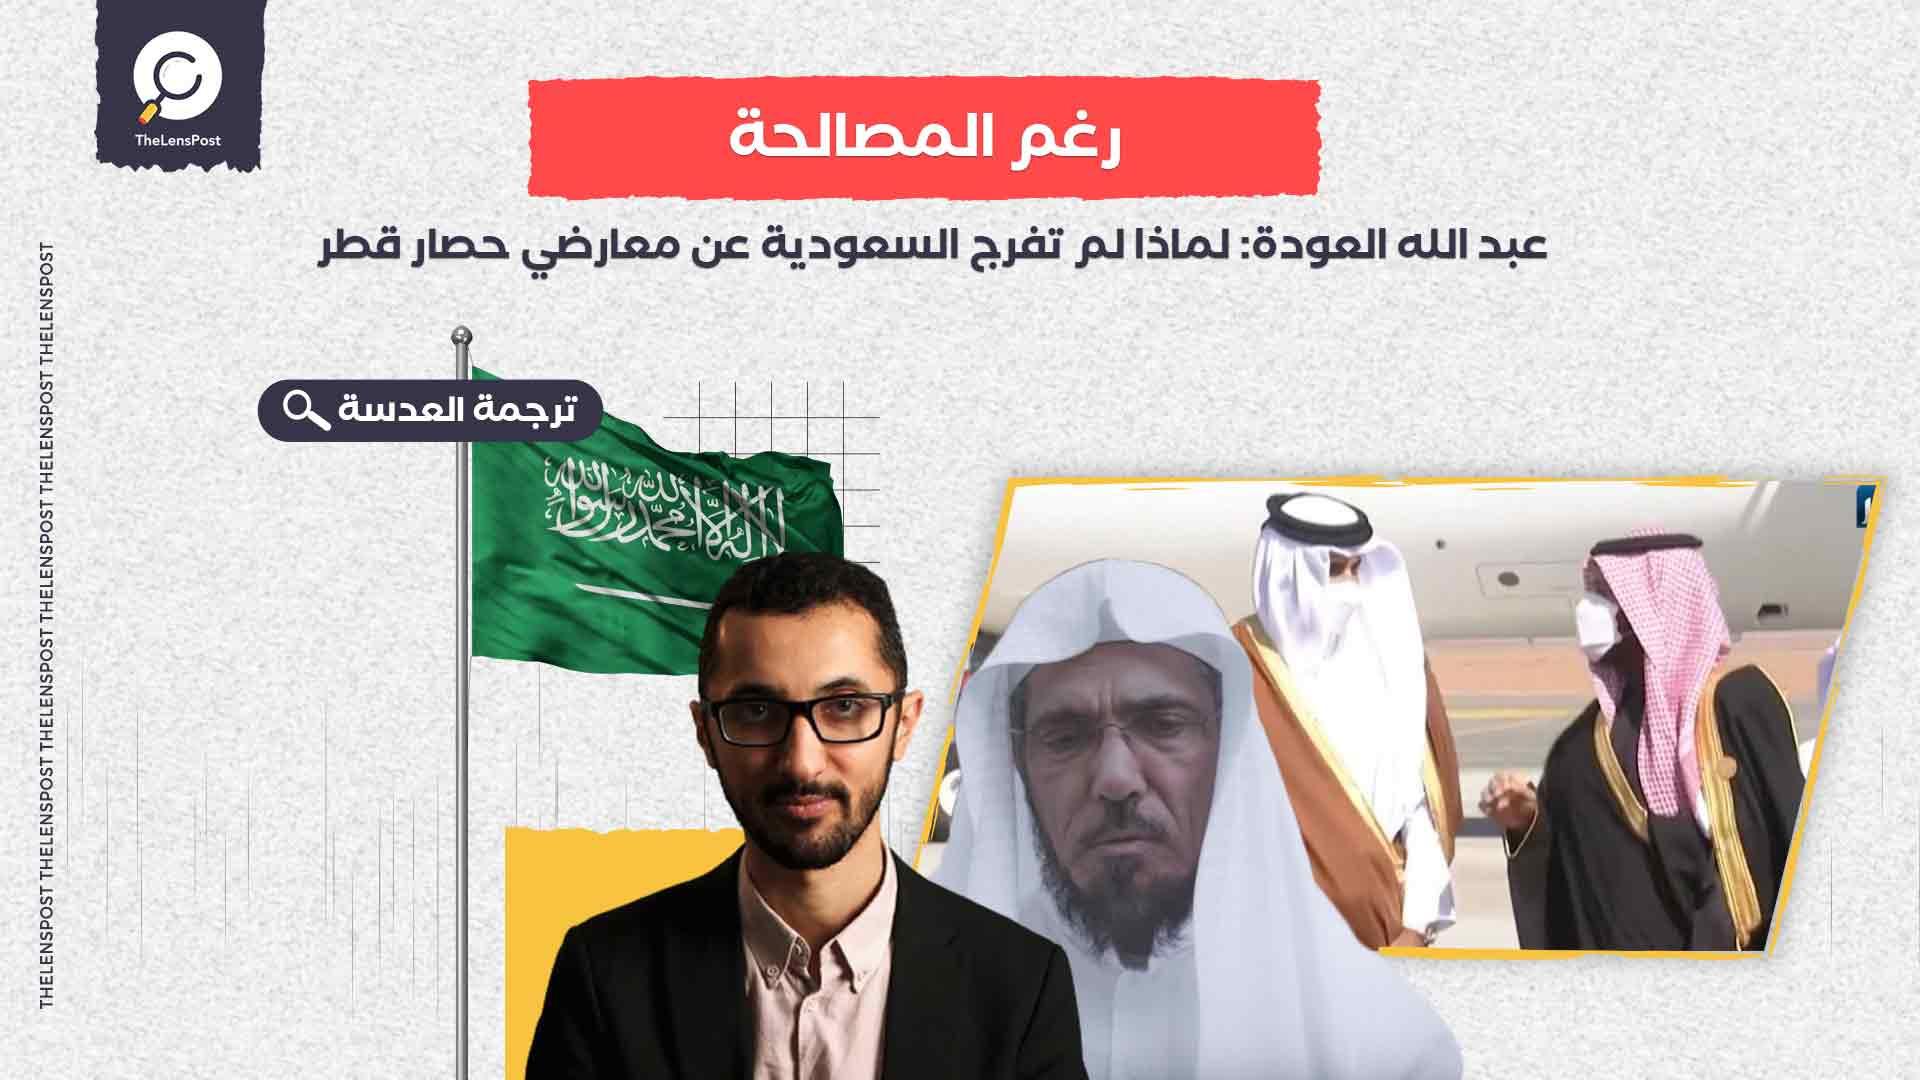 عبد الله العودة: لماذا لم تفرج السعودية عن معارضي حصار قطر رغم المصالحة؟